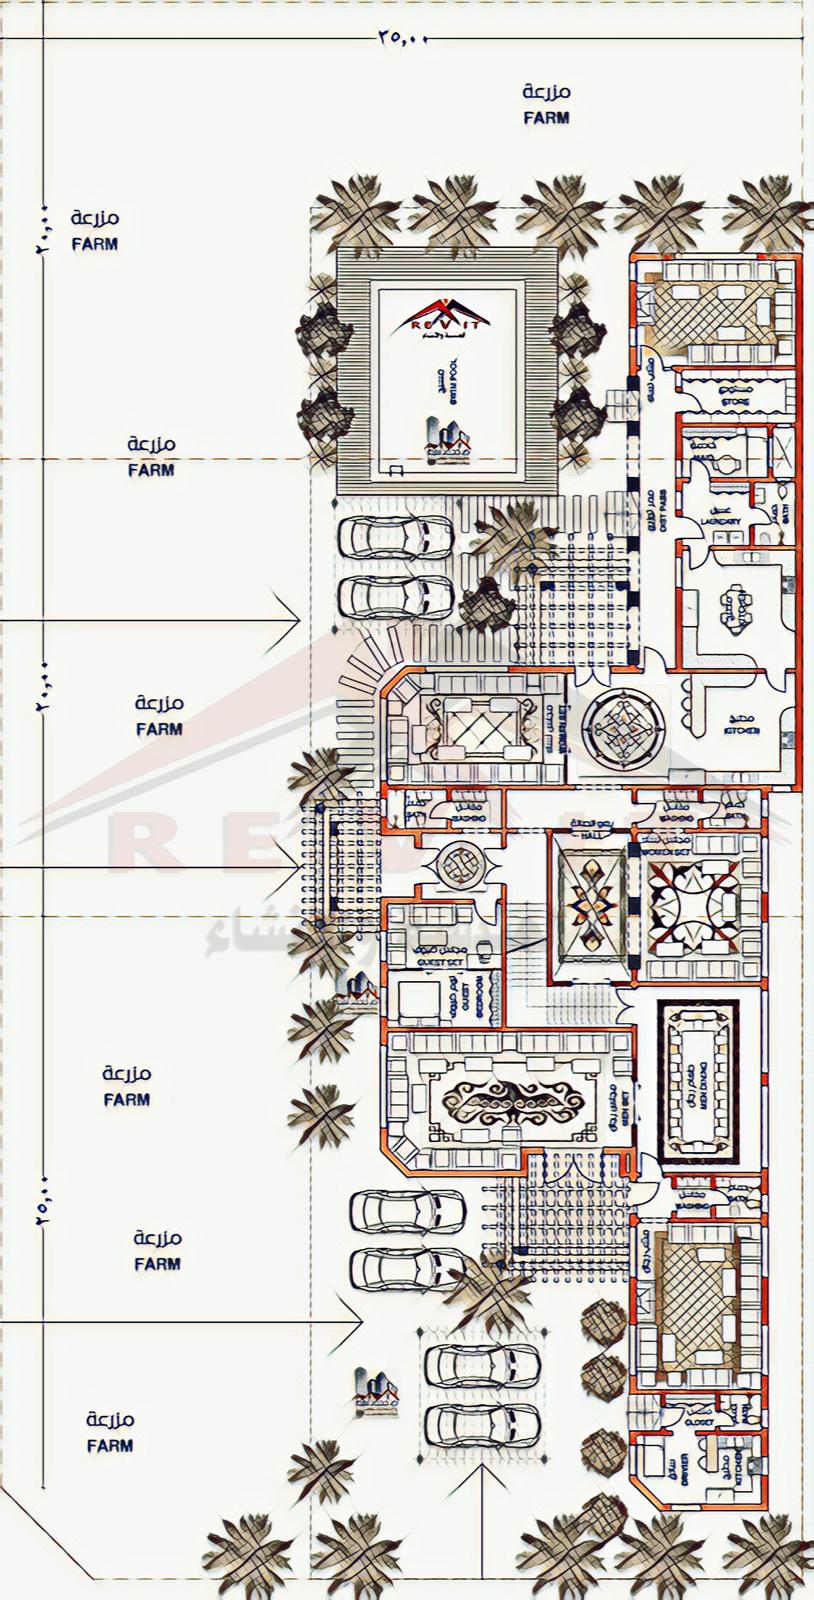 تصميم لفيلا سكنيه تصميم شاليه تصميم مميز Arabian Villa Design للتواصل لجميع عمل التصميمات Egyrevit تويتر New House Plans Circle House House Plans